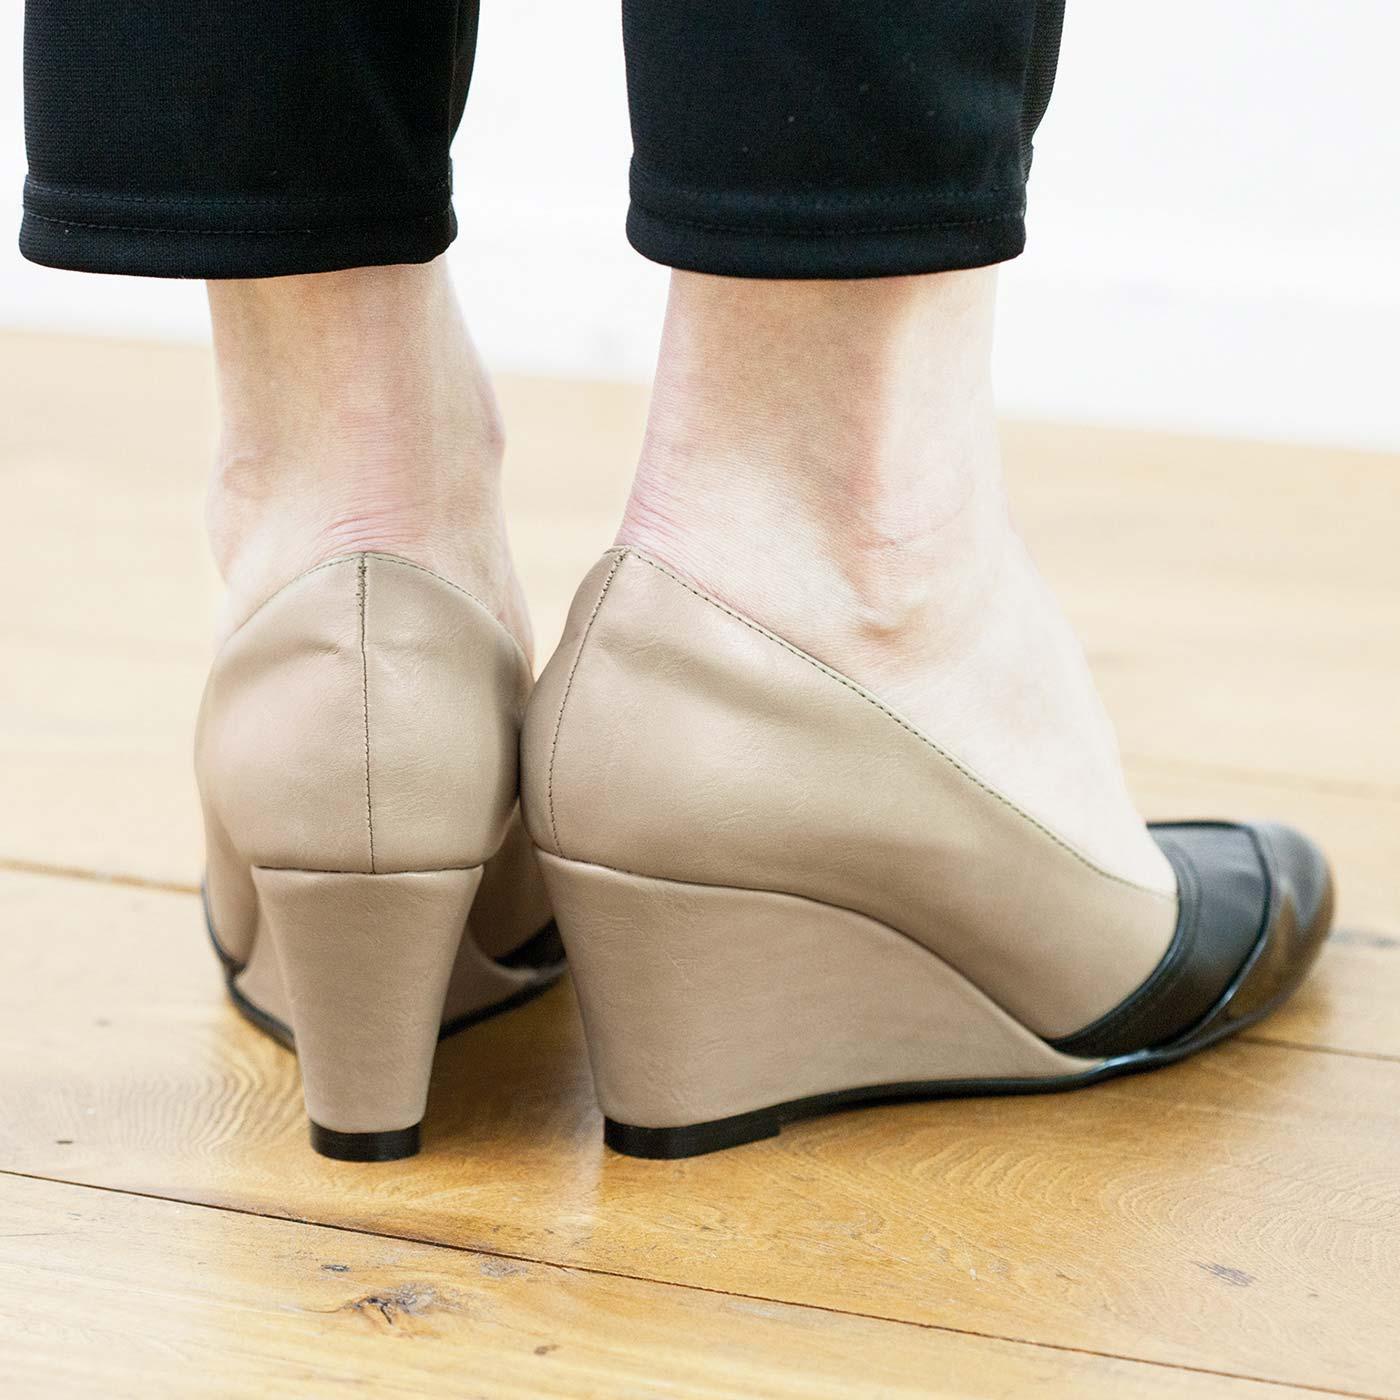 後ろ姿も美しいくびれのあるソール。履き心地と美脚見せの両方をかなえます。 ※お届けするカラーとは異なります。